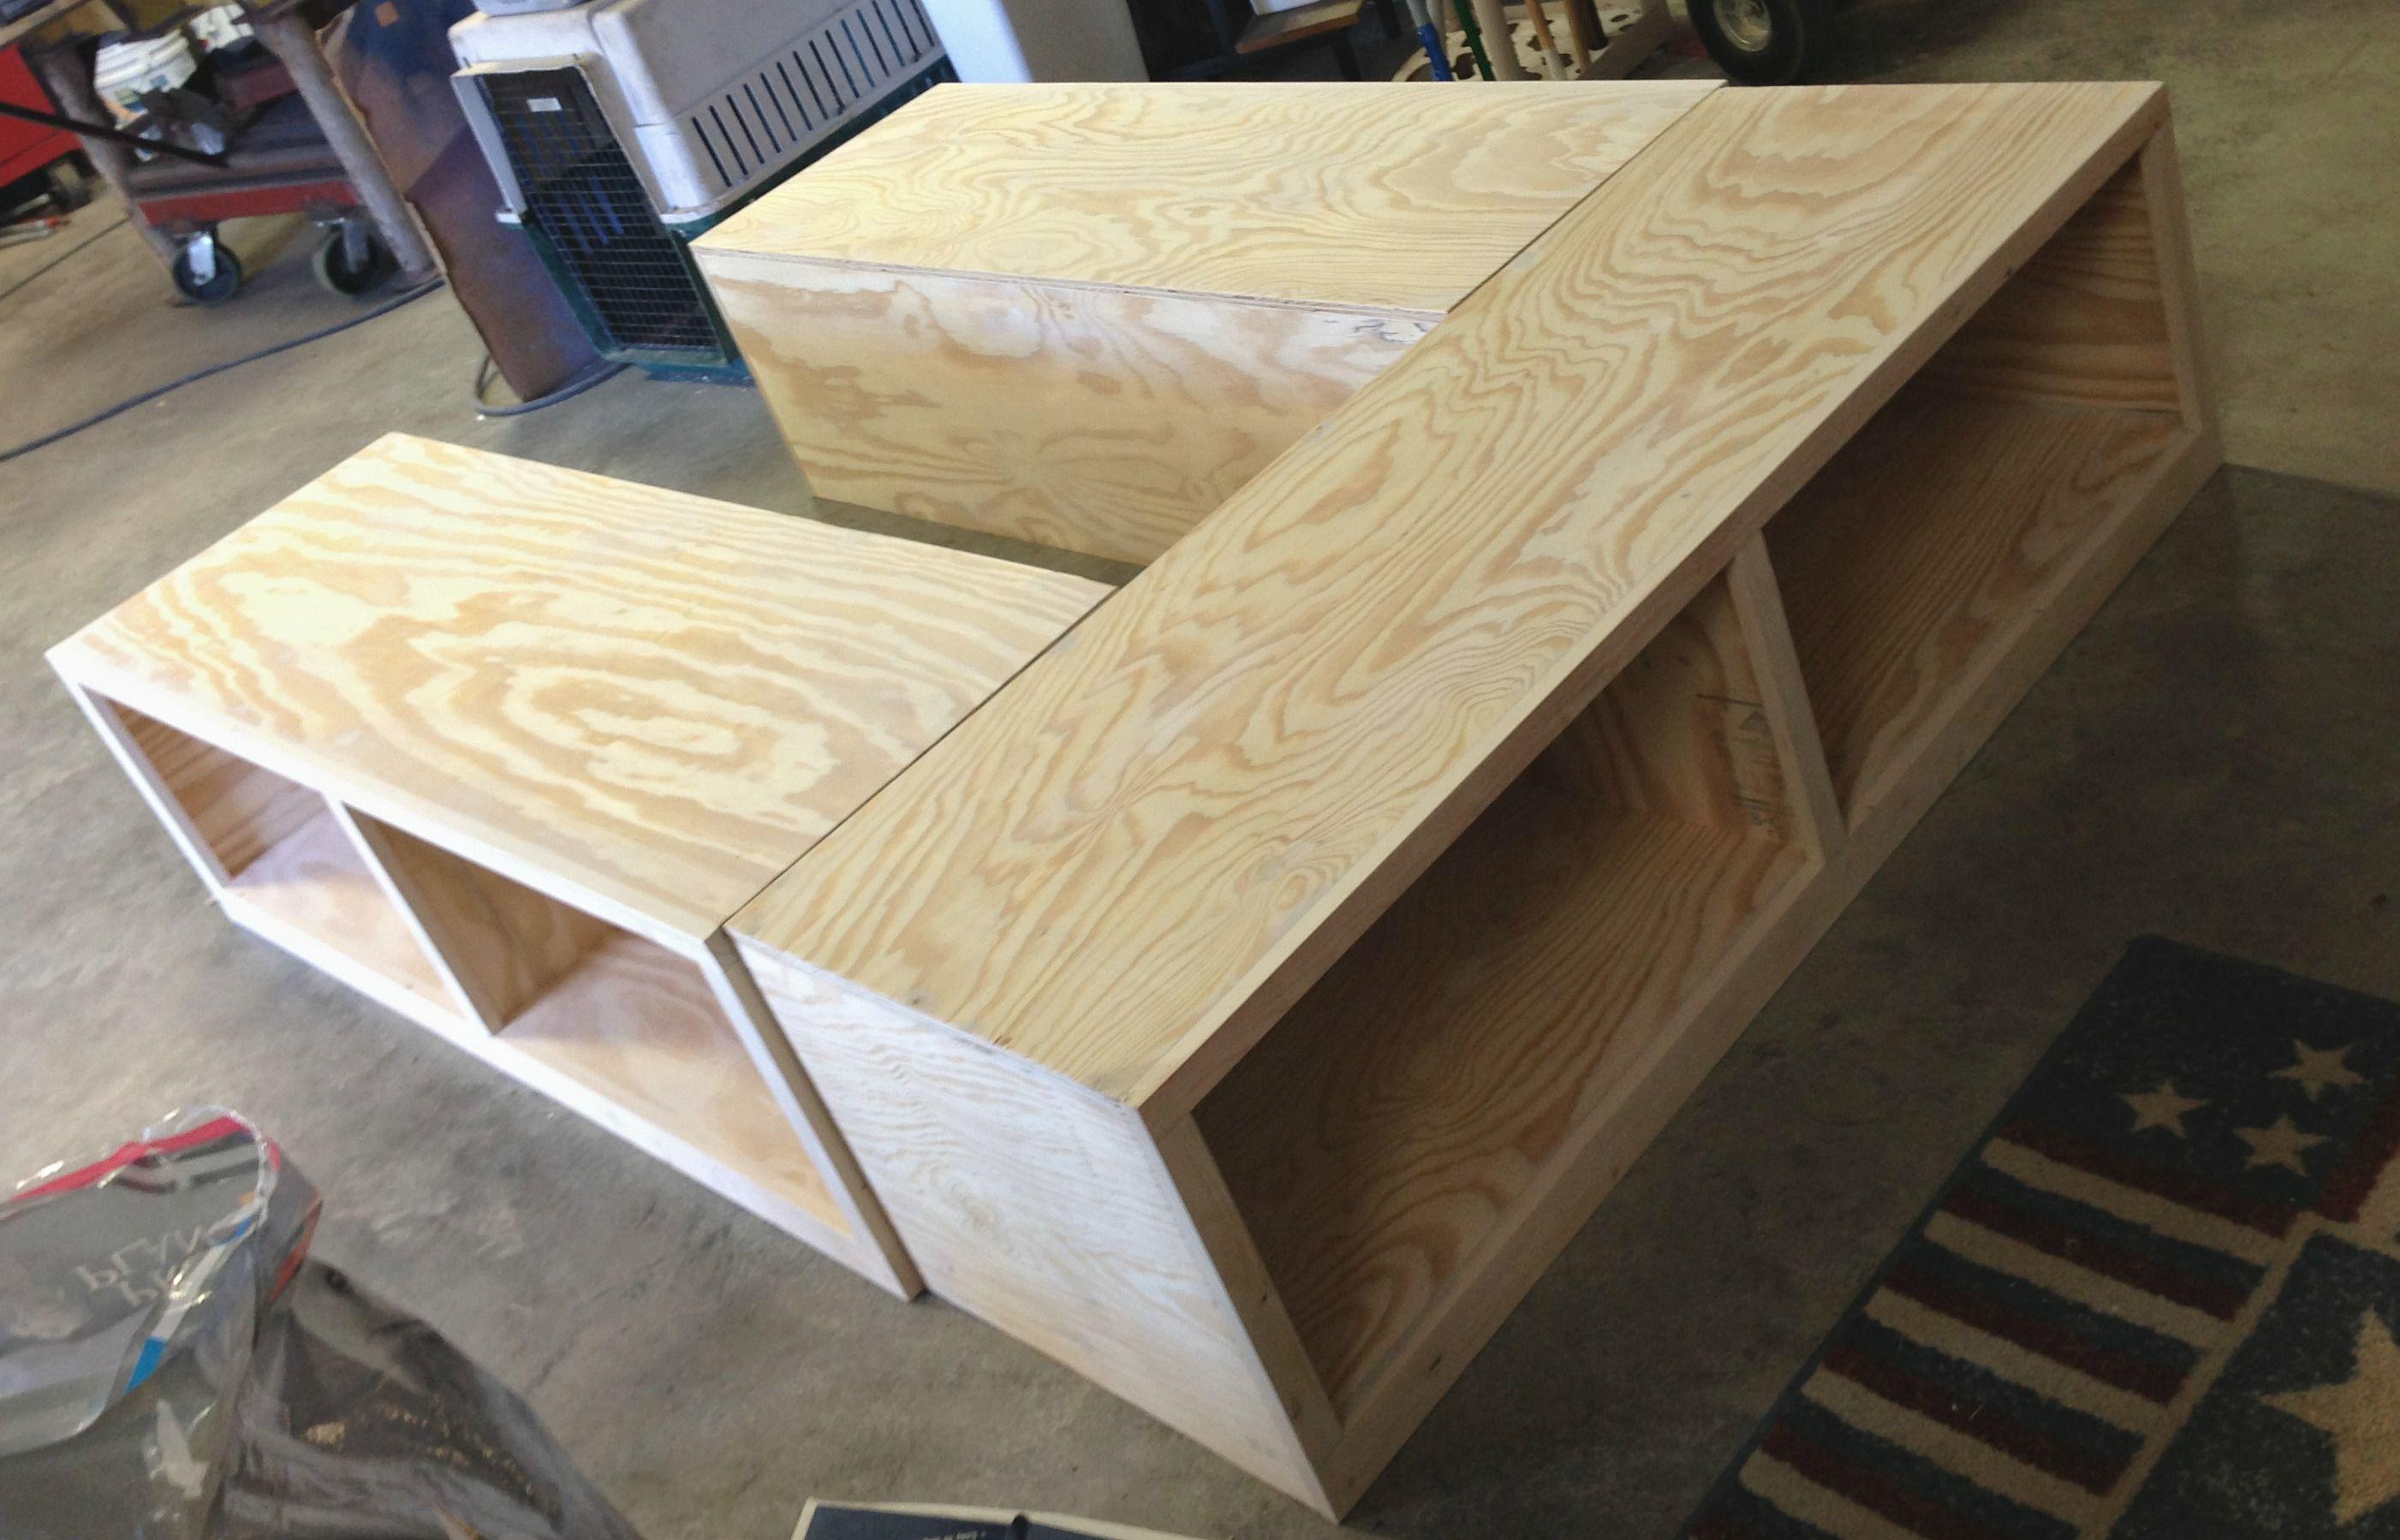 Knock Off Pottery Barn Stratton Bed Diy Bed Frame Diy Storage Bed Diy Platform Bed